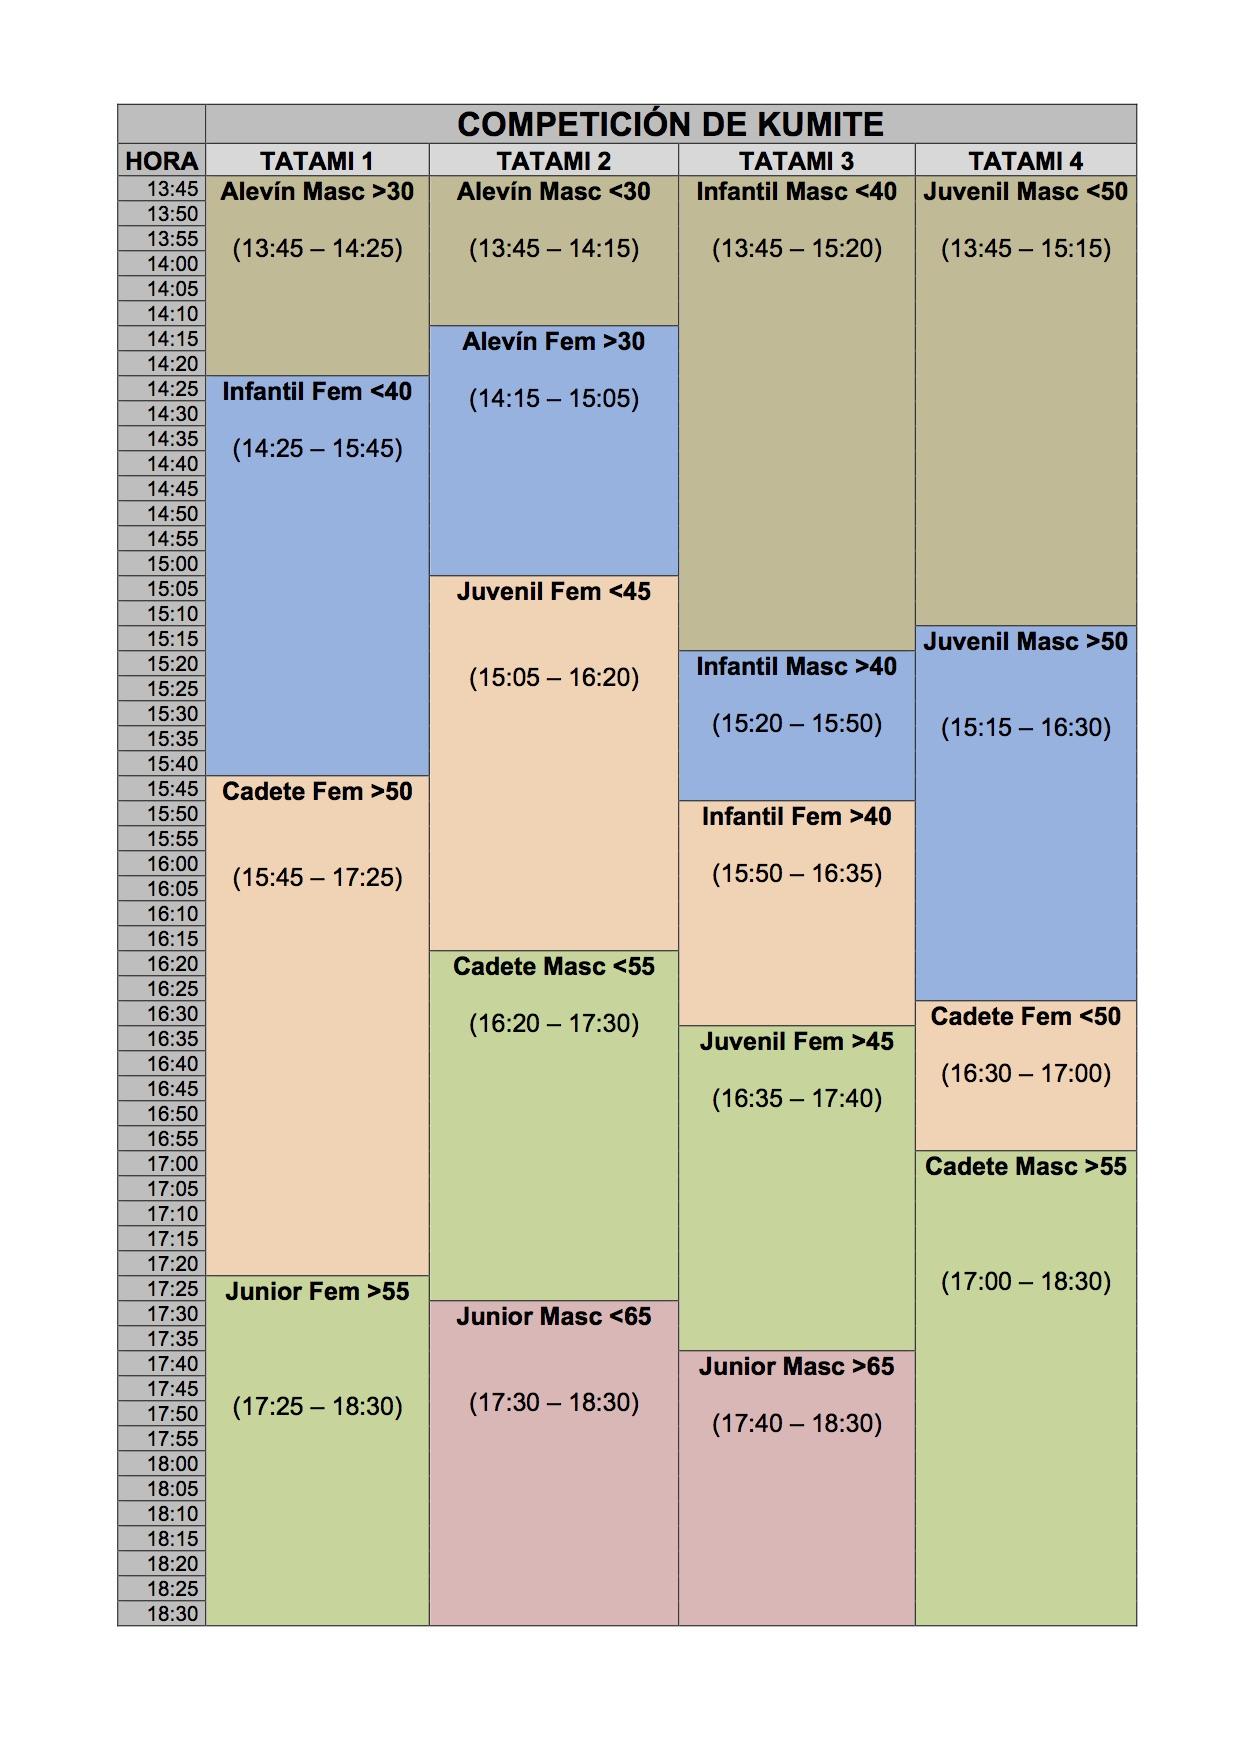 horarios-provisionales-de-competicion-kumite